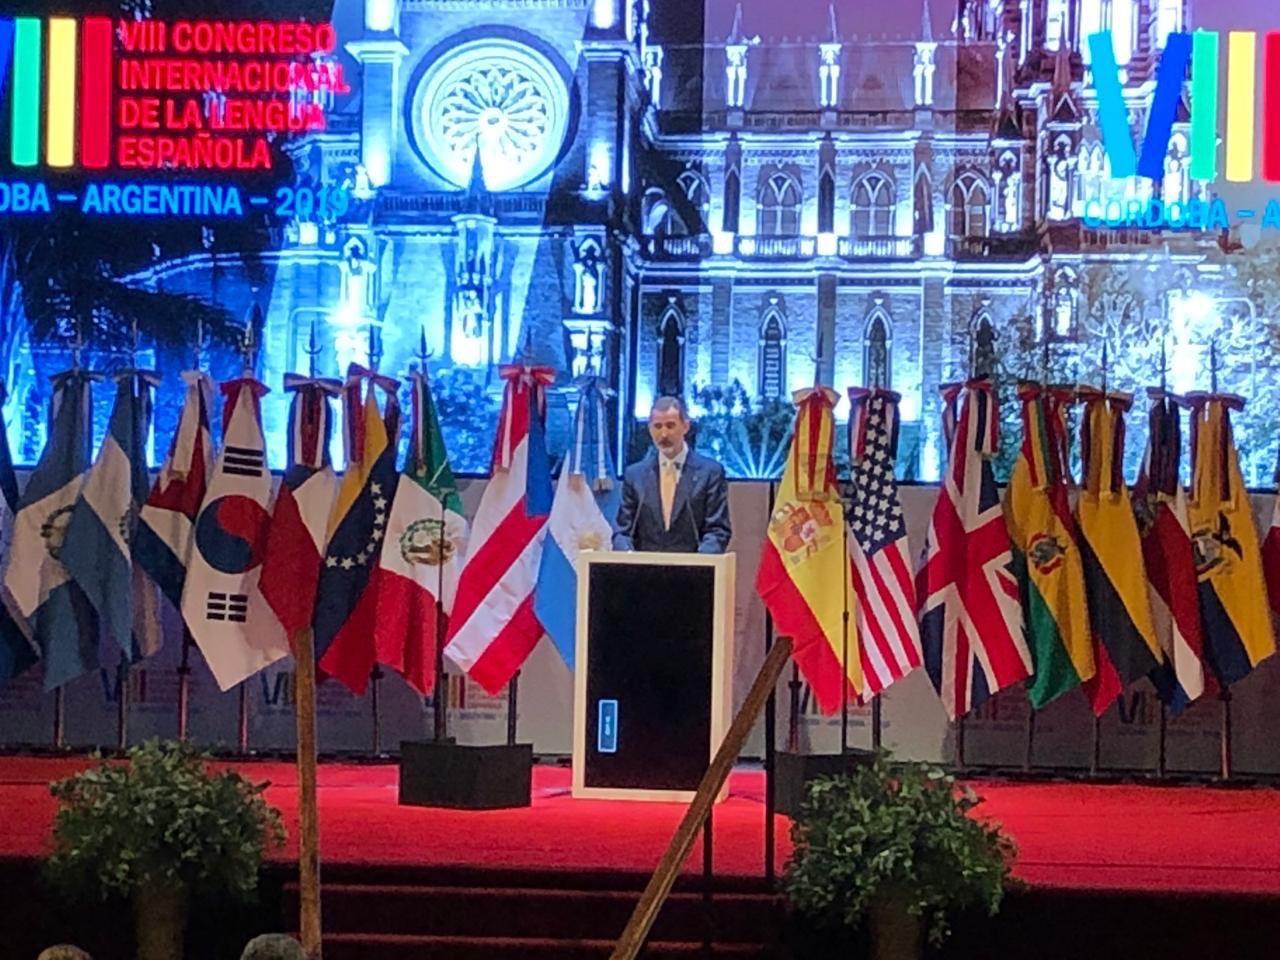 El Congreso Internacional de la Lengua Española genera un impacto económico de 44 millones de pesos